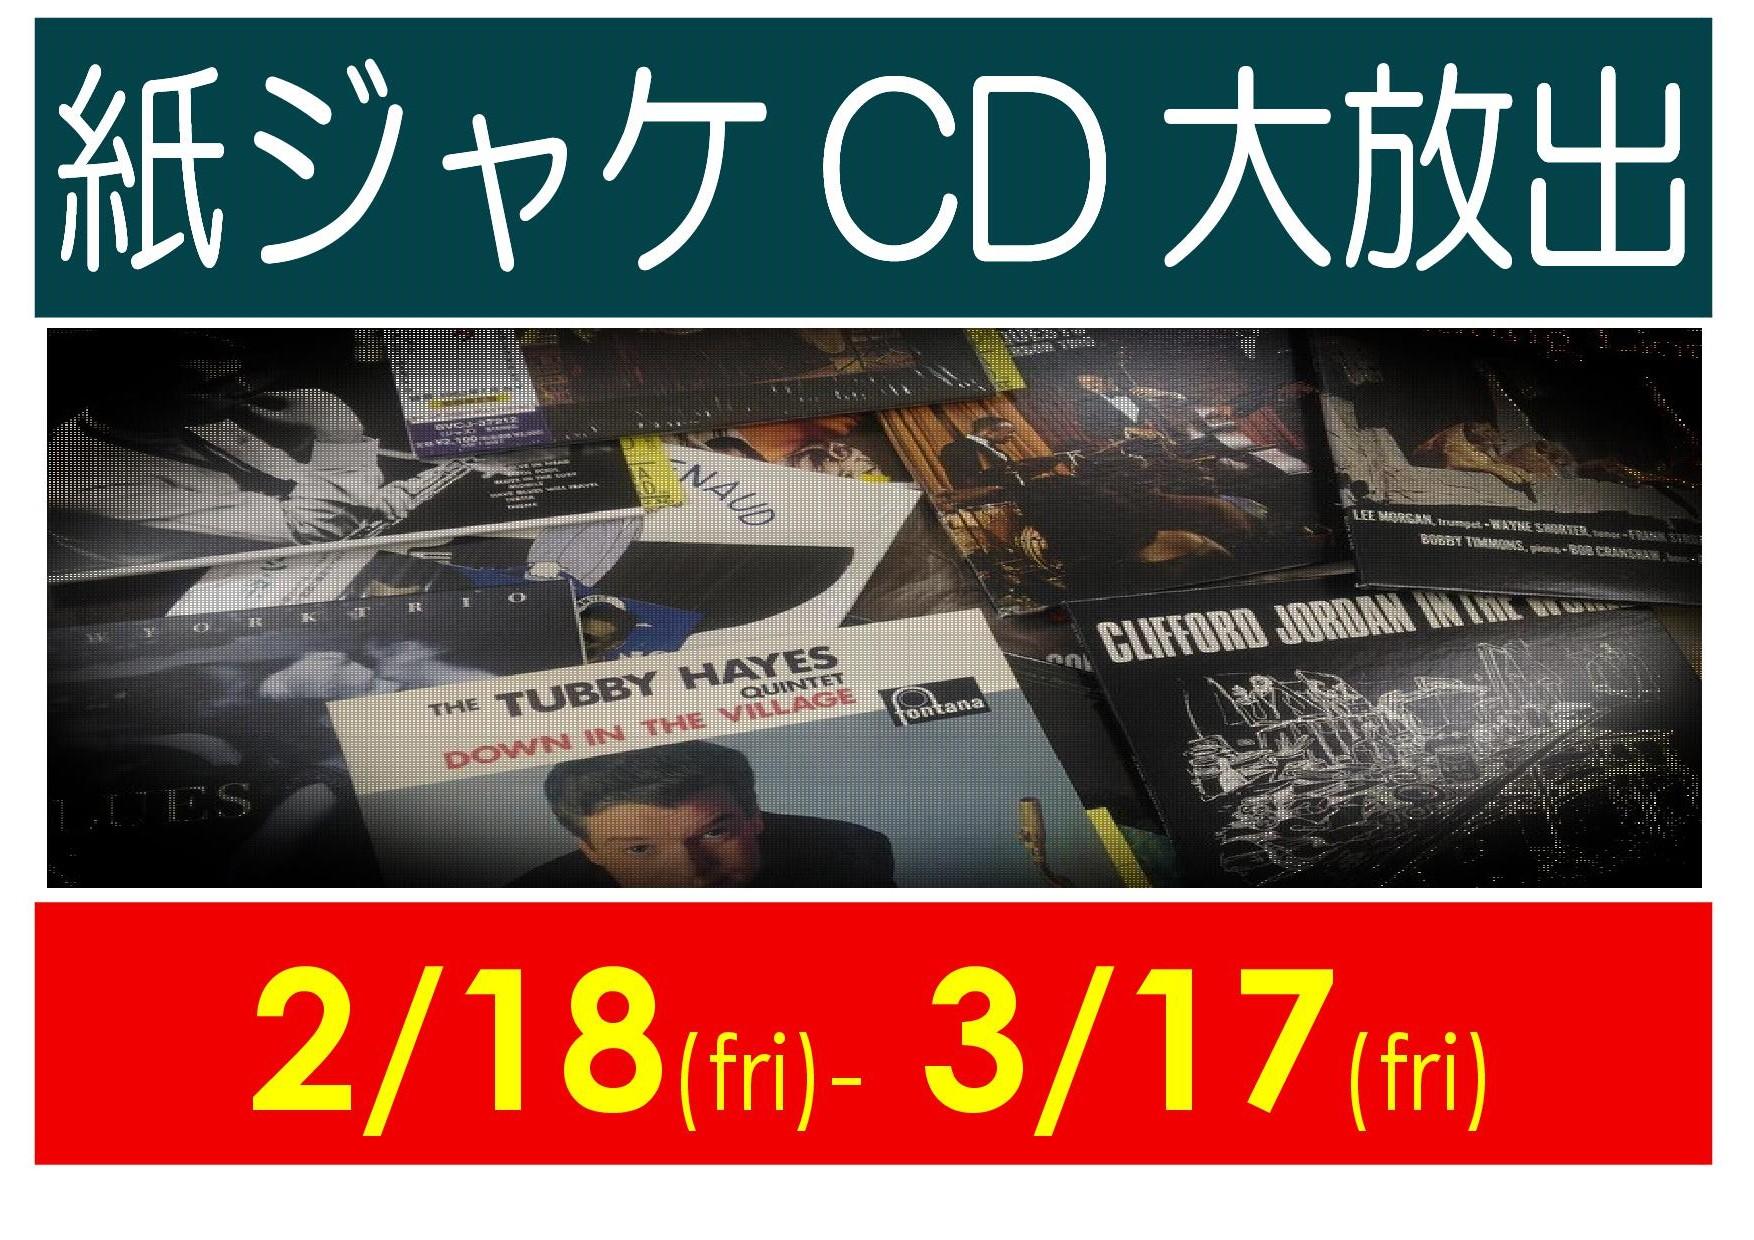 【ジャズシンジケート】Jazz紙ジャケCD大放出2017